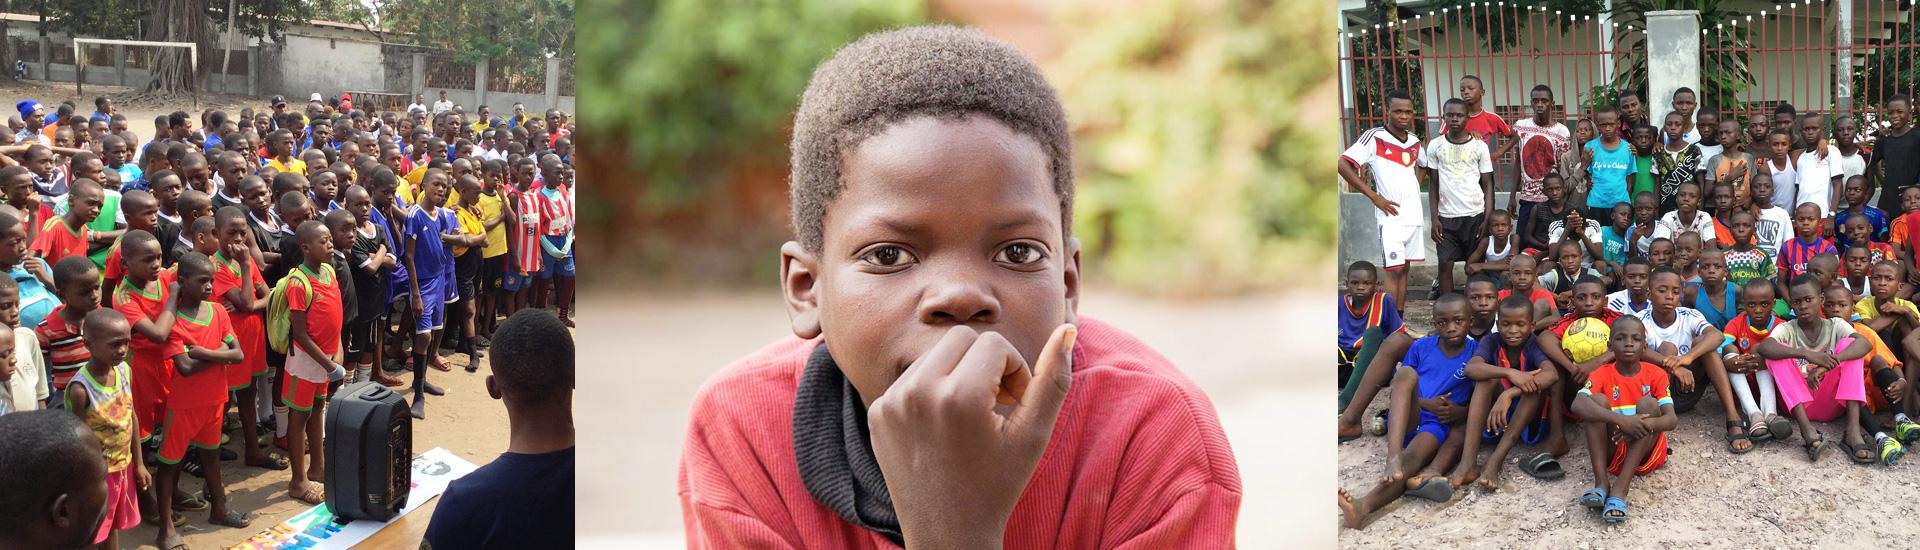 Música y deporte para los menores más pobres en la capital de RD Congo